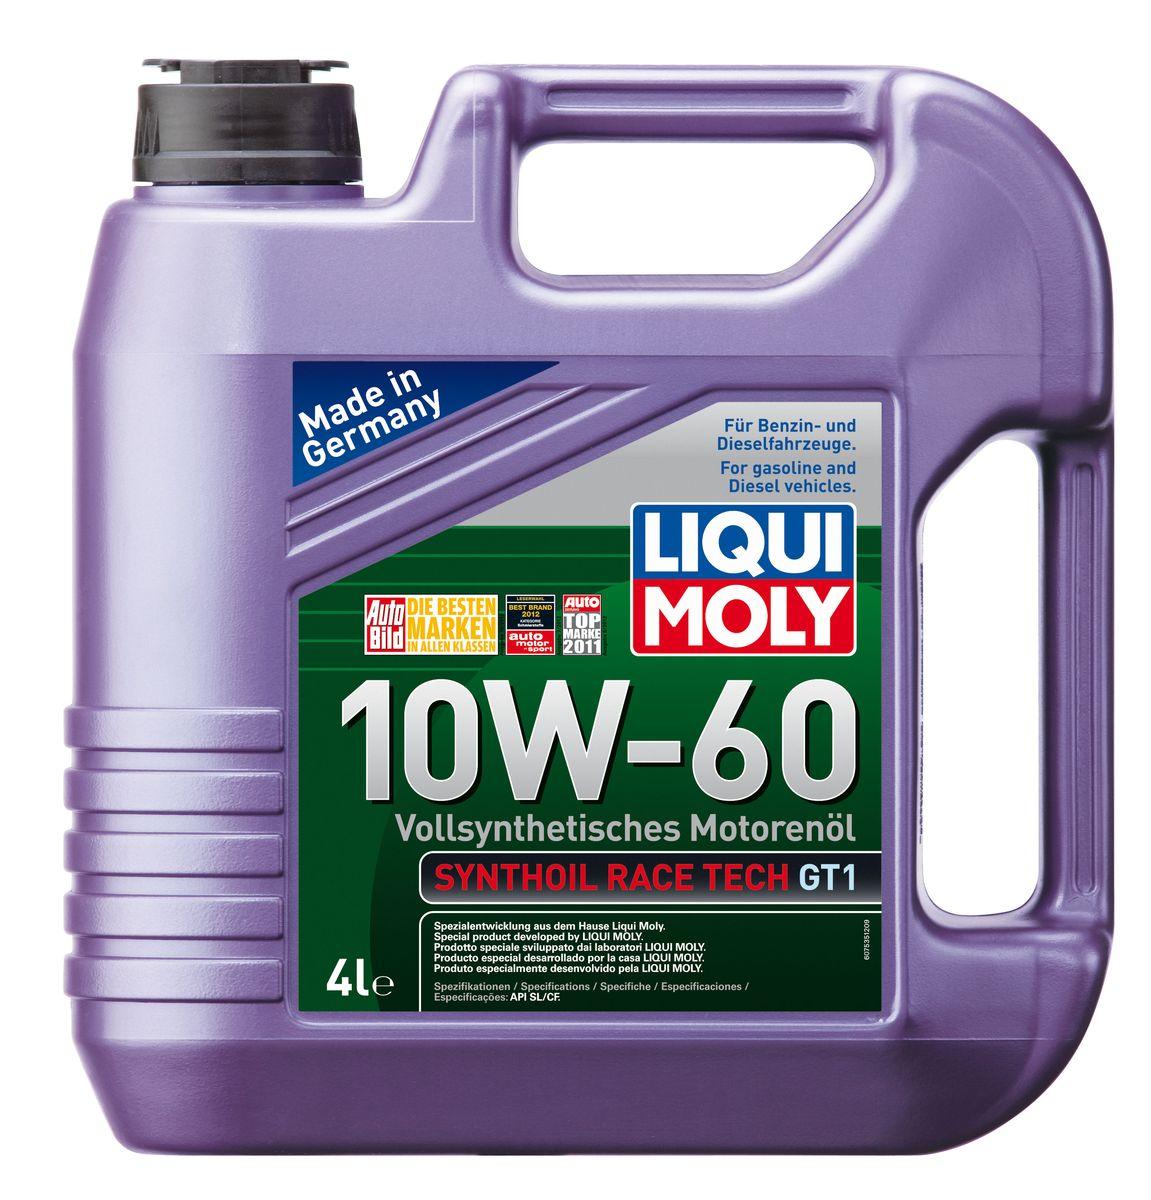 Масло моторное Liqui Moly Synthoil Race Tech GT1, синтетическое, 10W-60, 4 л7535Масло моторное Liqui Moly Synthoil Race Tech GT1 - 100% синтетическое моторное масло на базе полиальфаолефинов (ПАО) для спортивных автомобилей со специально подготовленными моторами. Свойства ПАО-синтетики и высокая вязкость позволяют обеспечить необходимую смазку и защиту деталей двигателя в условиях экстремальных нагрузок на двигатель, характерных для спорта. Использование новейших, полностью синтетических компонентов базового масла и специальных технологий в области создания присадок формирует на поверхностях деталей прочнейшую смазочную пленку, которая гарантирует непревзойденную защиту всех деталей двигателя, в том числе от пиковых перегрузок и разрушительного воздействия высоких температур. Особенности: - Высочайшая стабильность к экстремально высоким рабочим температурам- Чрезвычайно малые потери масла на испарение- Надежное поступление масла ко всем деталям двигателя даже в экстремальных условиях автогонок- Высочайшие защитные свойства- Превосходная термоокислительная стабильность и устойчивость к старению- Отличные показатели чистоты двигателя- Создано специально для высокофорсированных и турбированных двигателей спортивных автомобилейДопуск: -API: CF/SL-ACEA: A3/B4Соответствие: -Fiat: 9.55535-H3